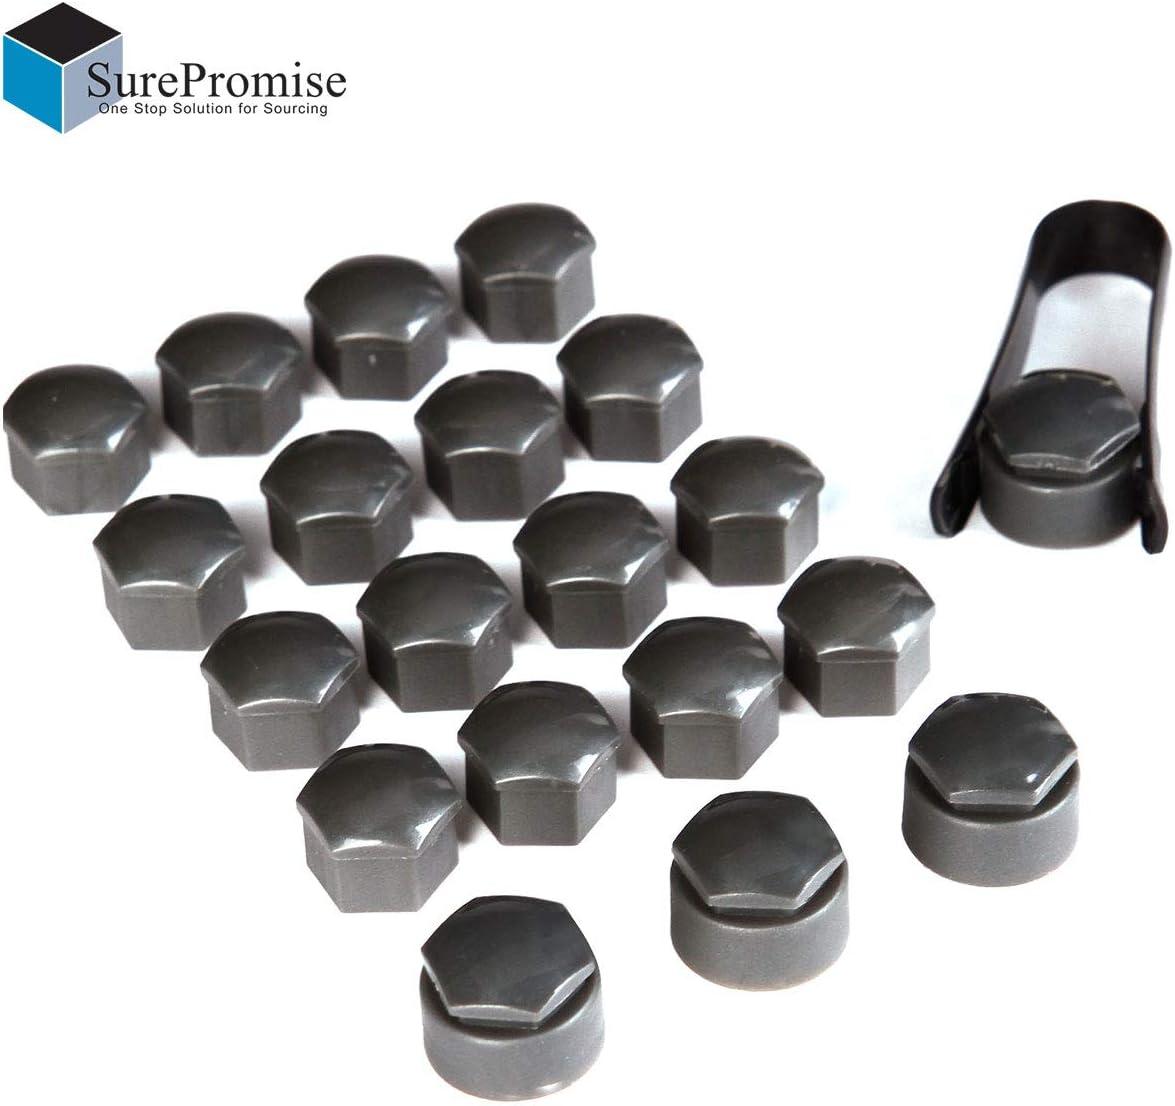 copribulloni universali da 19 mm per Ruota Esagonale 16 Standard + 4 copribulloni di bloccaggio + 1 Strumento di rimozione SurePromise Colore: Grigio